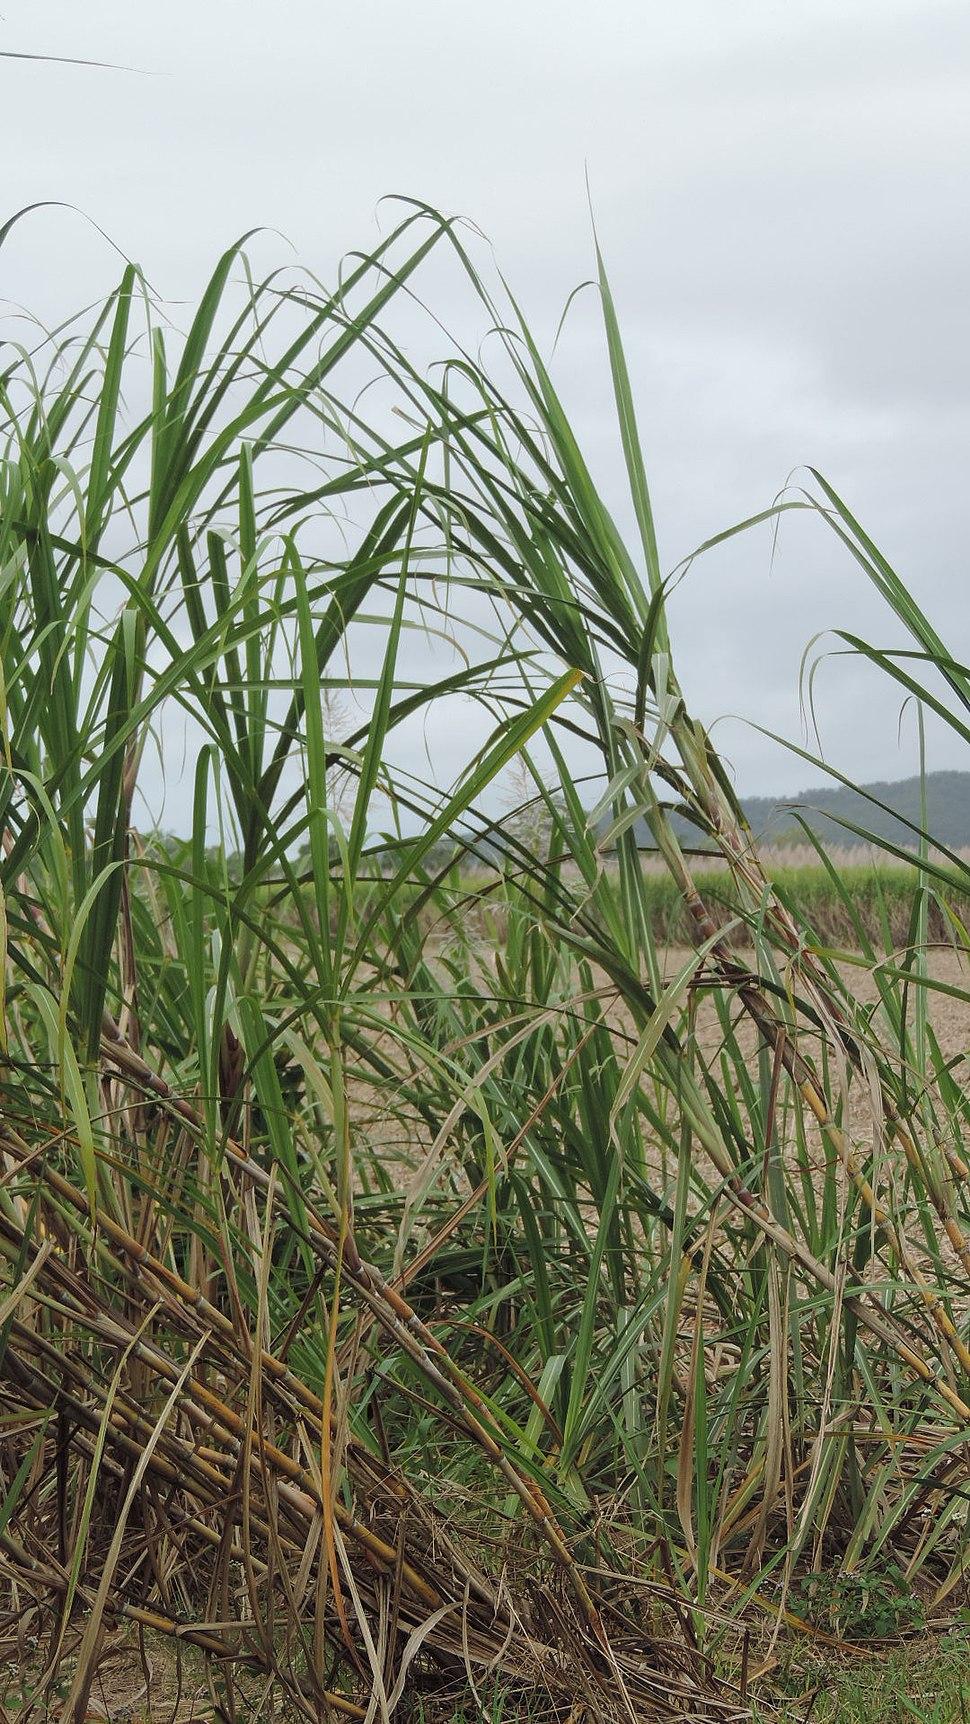 Sugar cane growing in Carmila, 2016